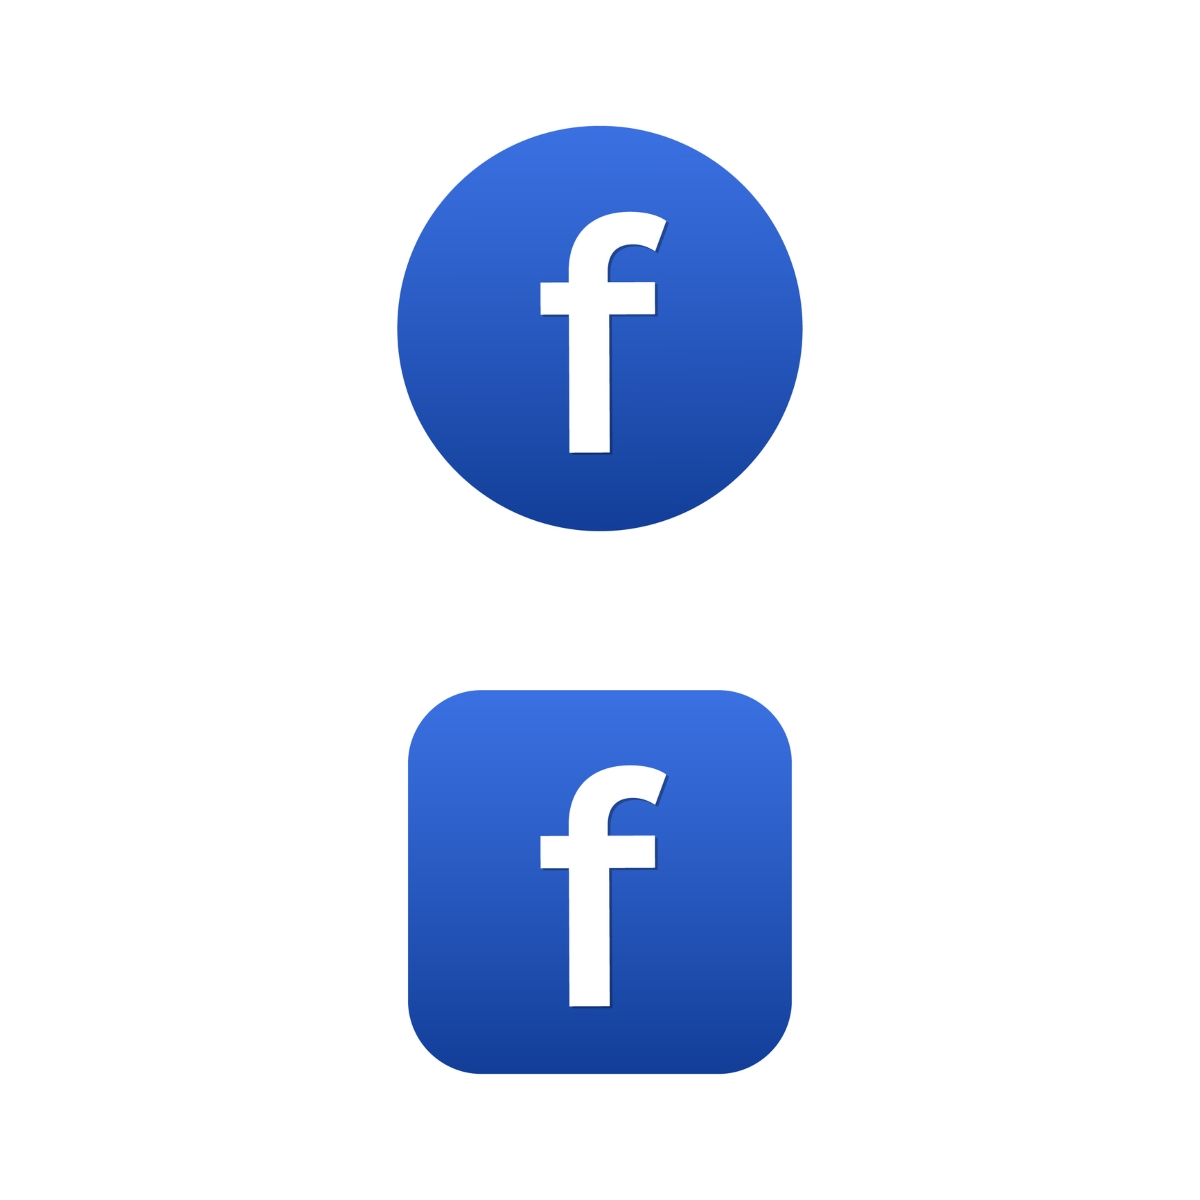 """Е, ето я истината: най-употребяваната дума във Фейсбук е... Нецрнзурна. И е """"Shit""""."""